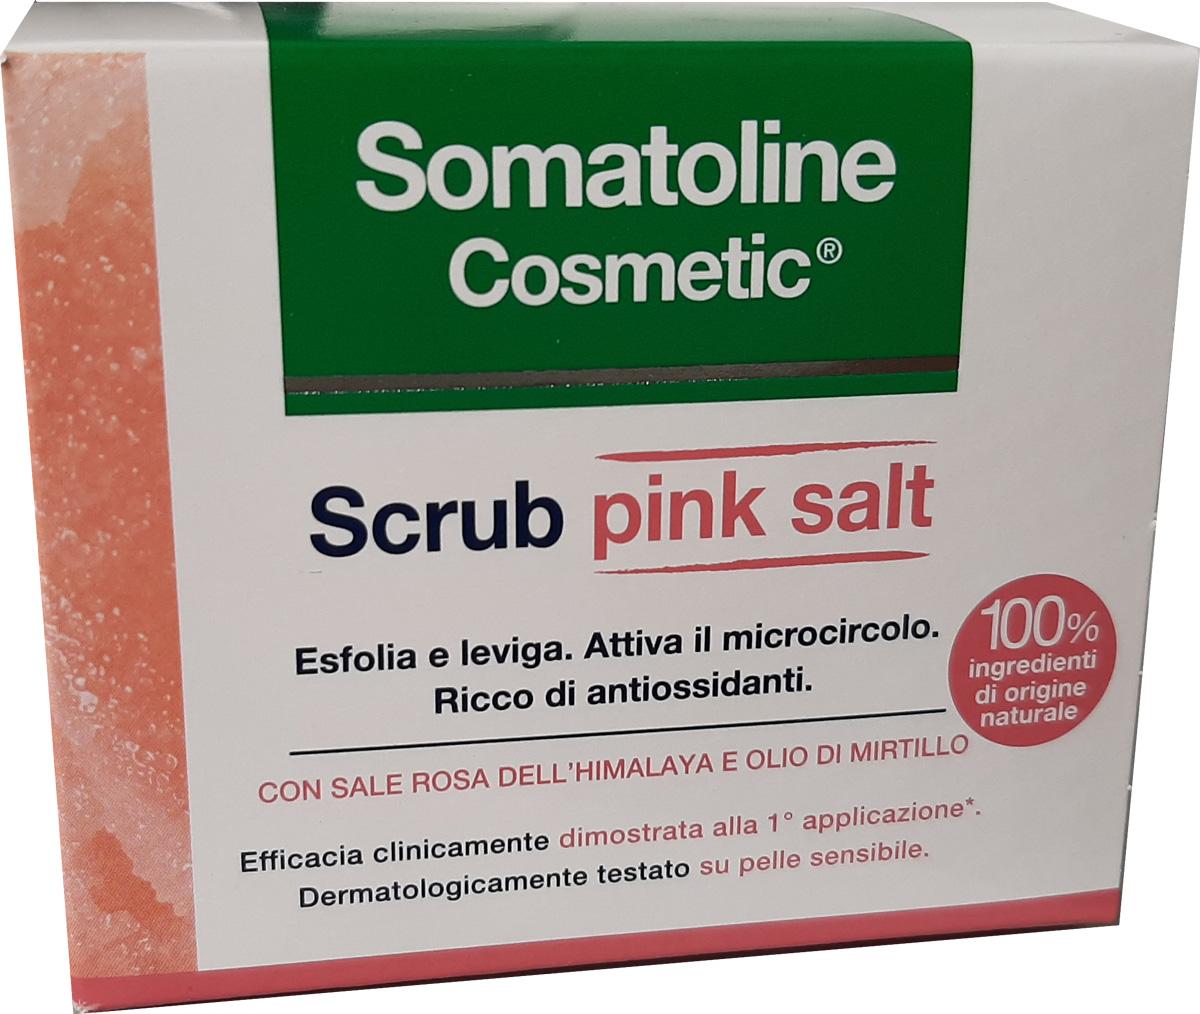 SOMATOLINE COSMETIC SCRUB PINK SALT 350 ML - Farmacia Centrale Dr. Monteleone Adriano